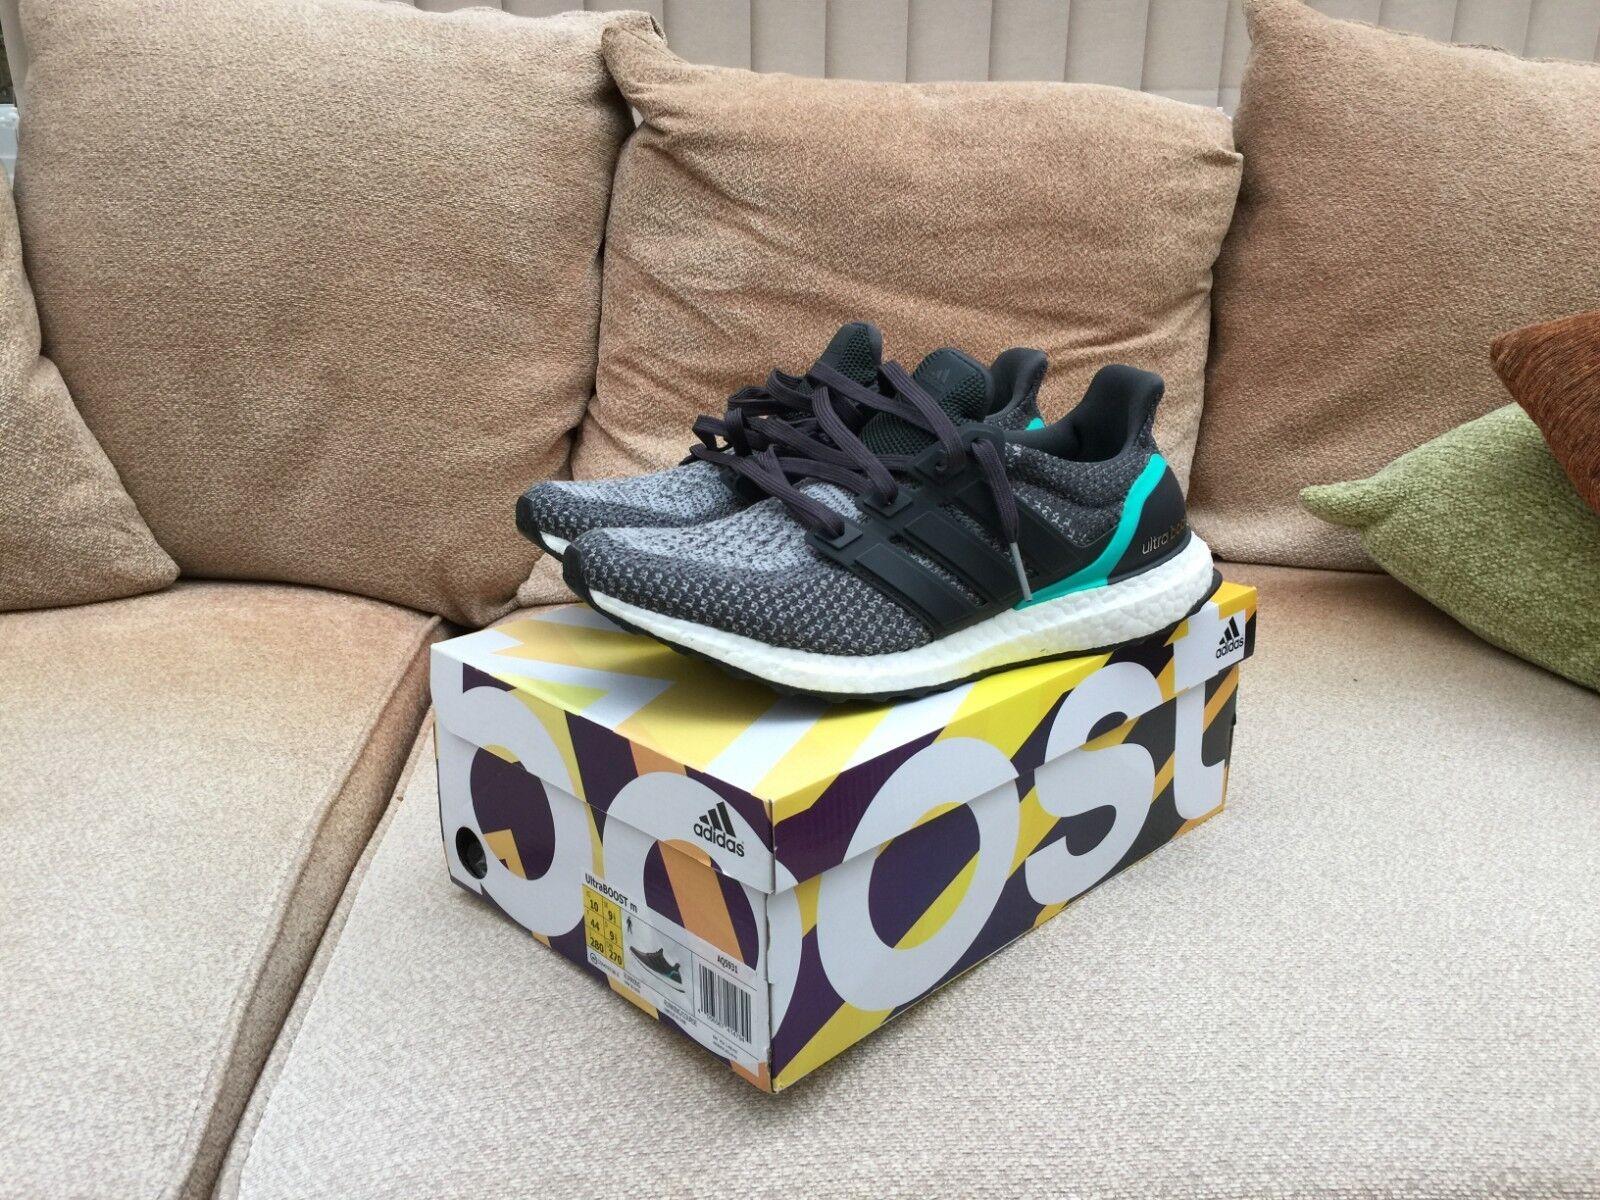 Adidas Ultra boost 2.0 grau Mint UK 9.5 US 10